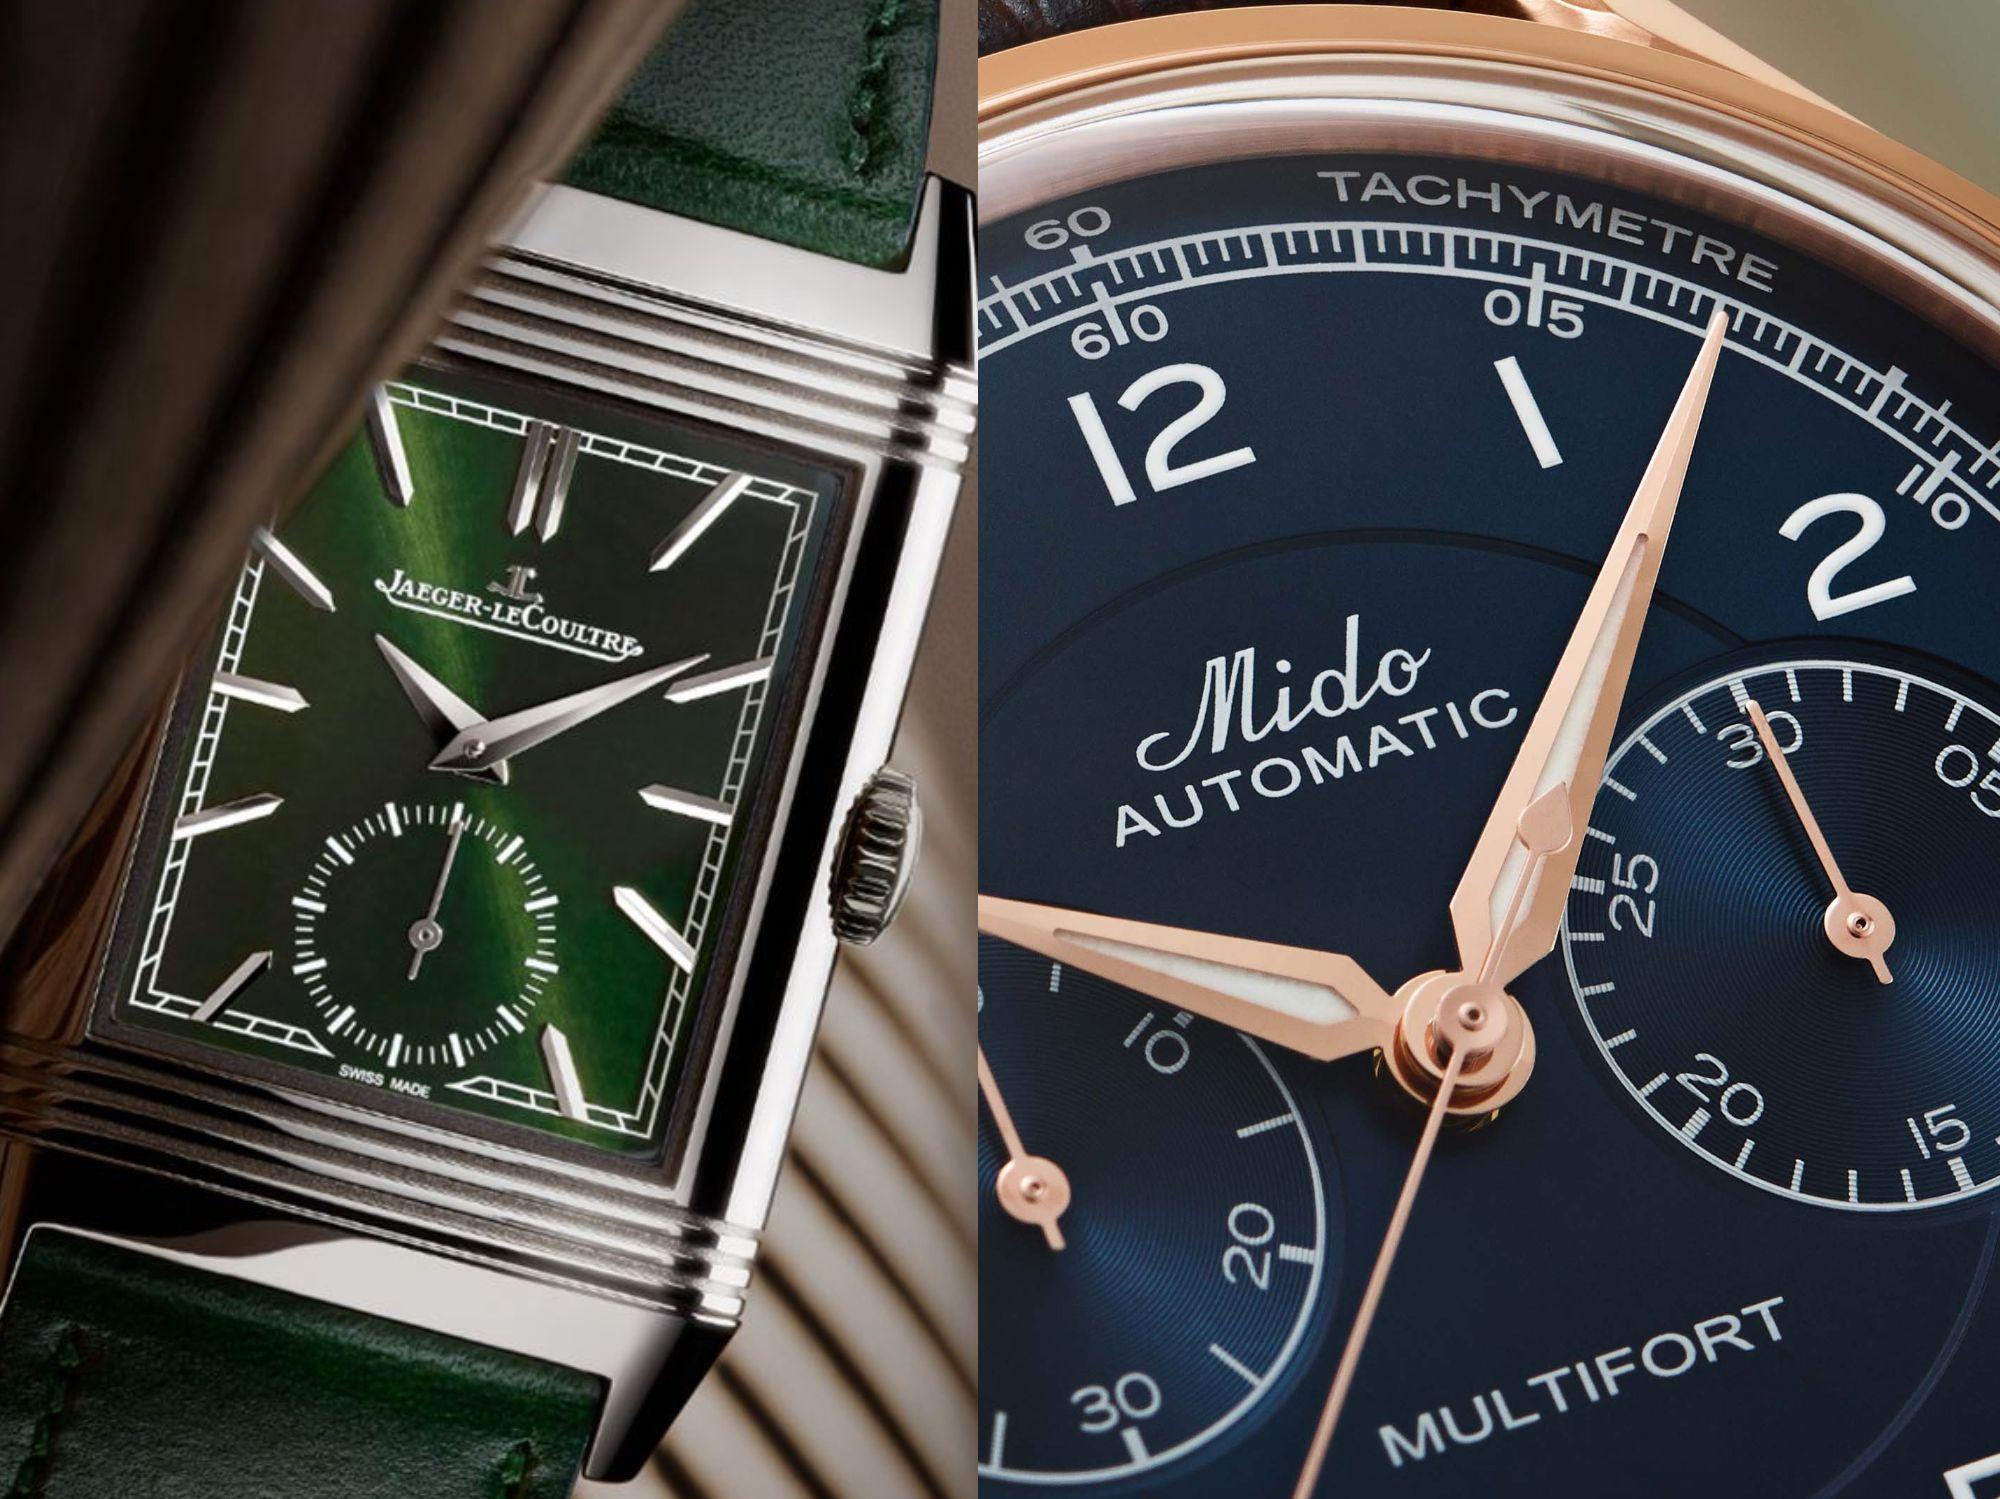 2021 新款腕錶速報:MIDO、Jaeger-LeCoultre、Montblanc,藏家們的口袋逸品!